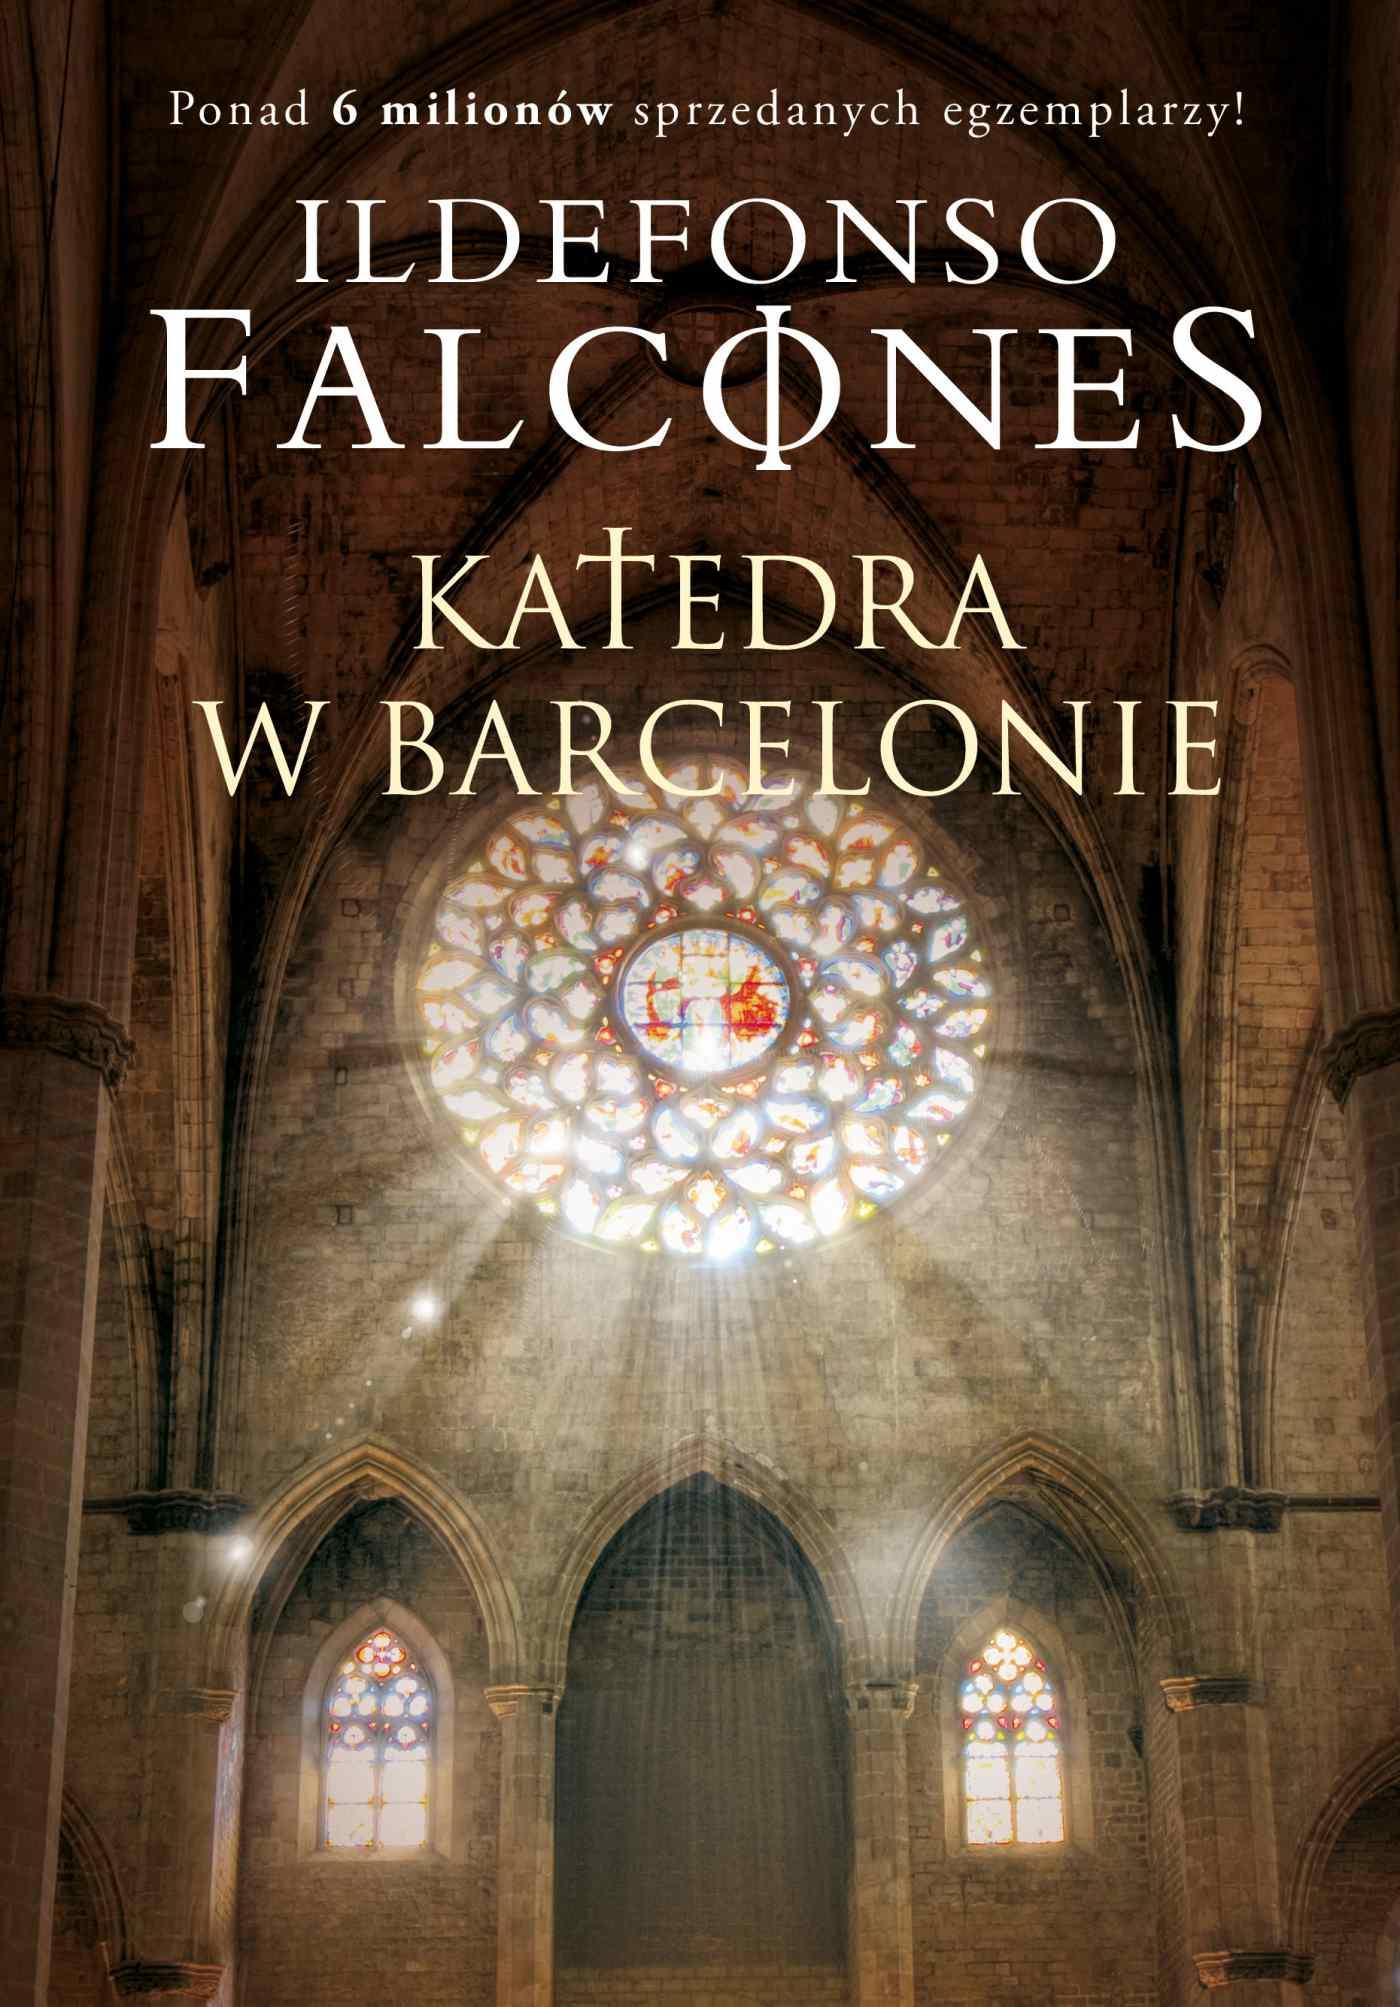 Katedra w Barcelonie - Ebook (Książka EPUB) do pobrania w formacie EPUB